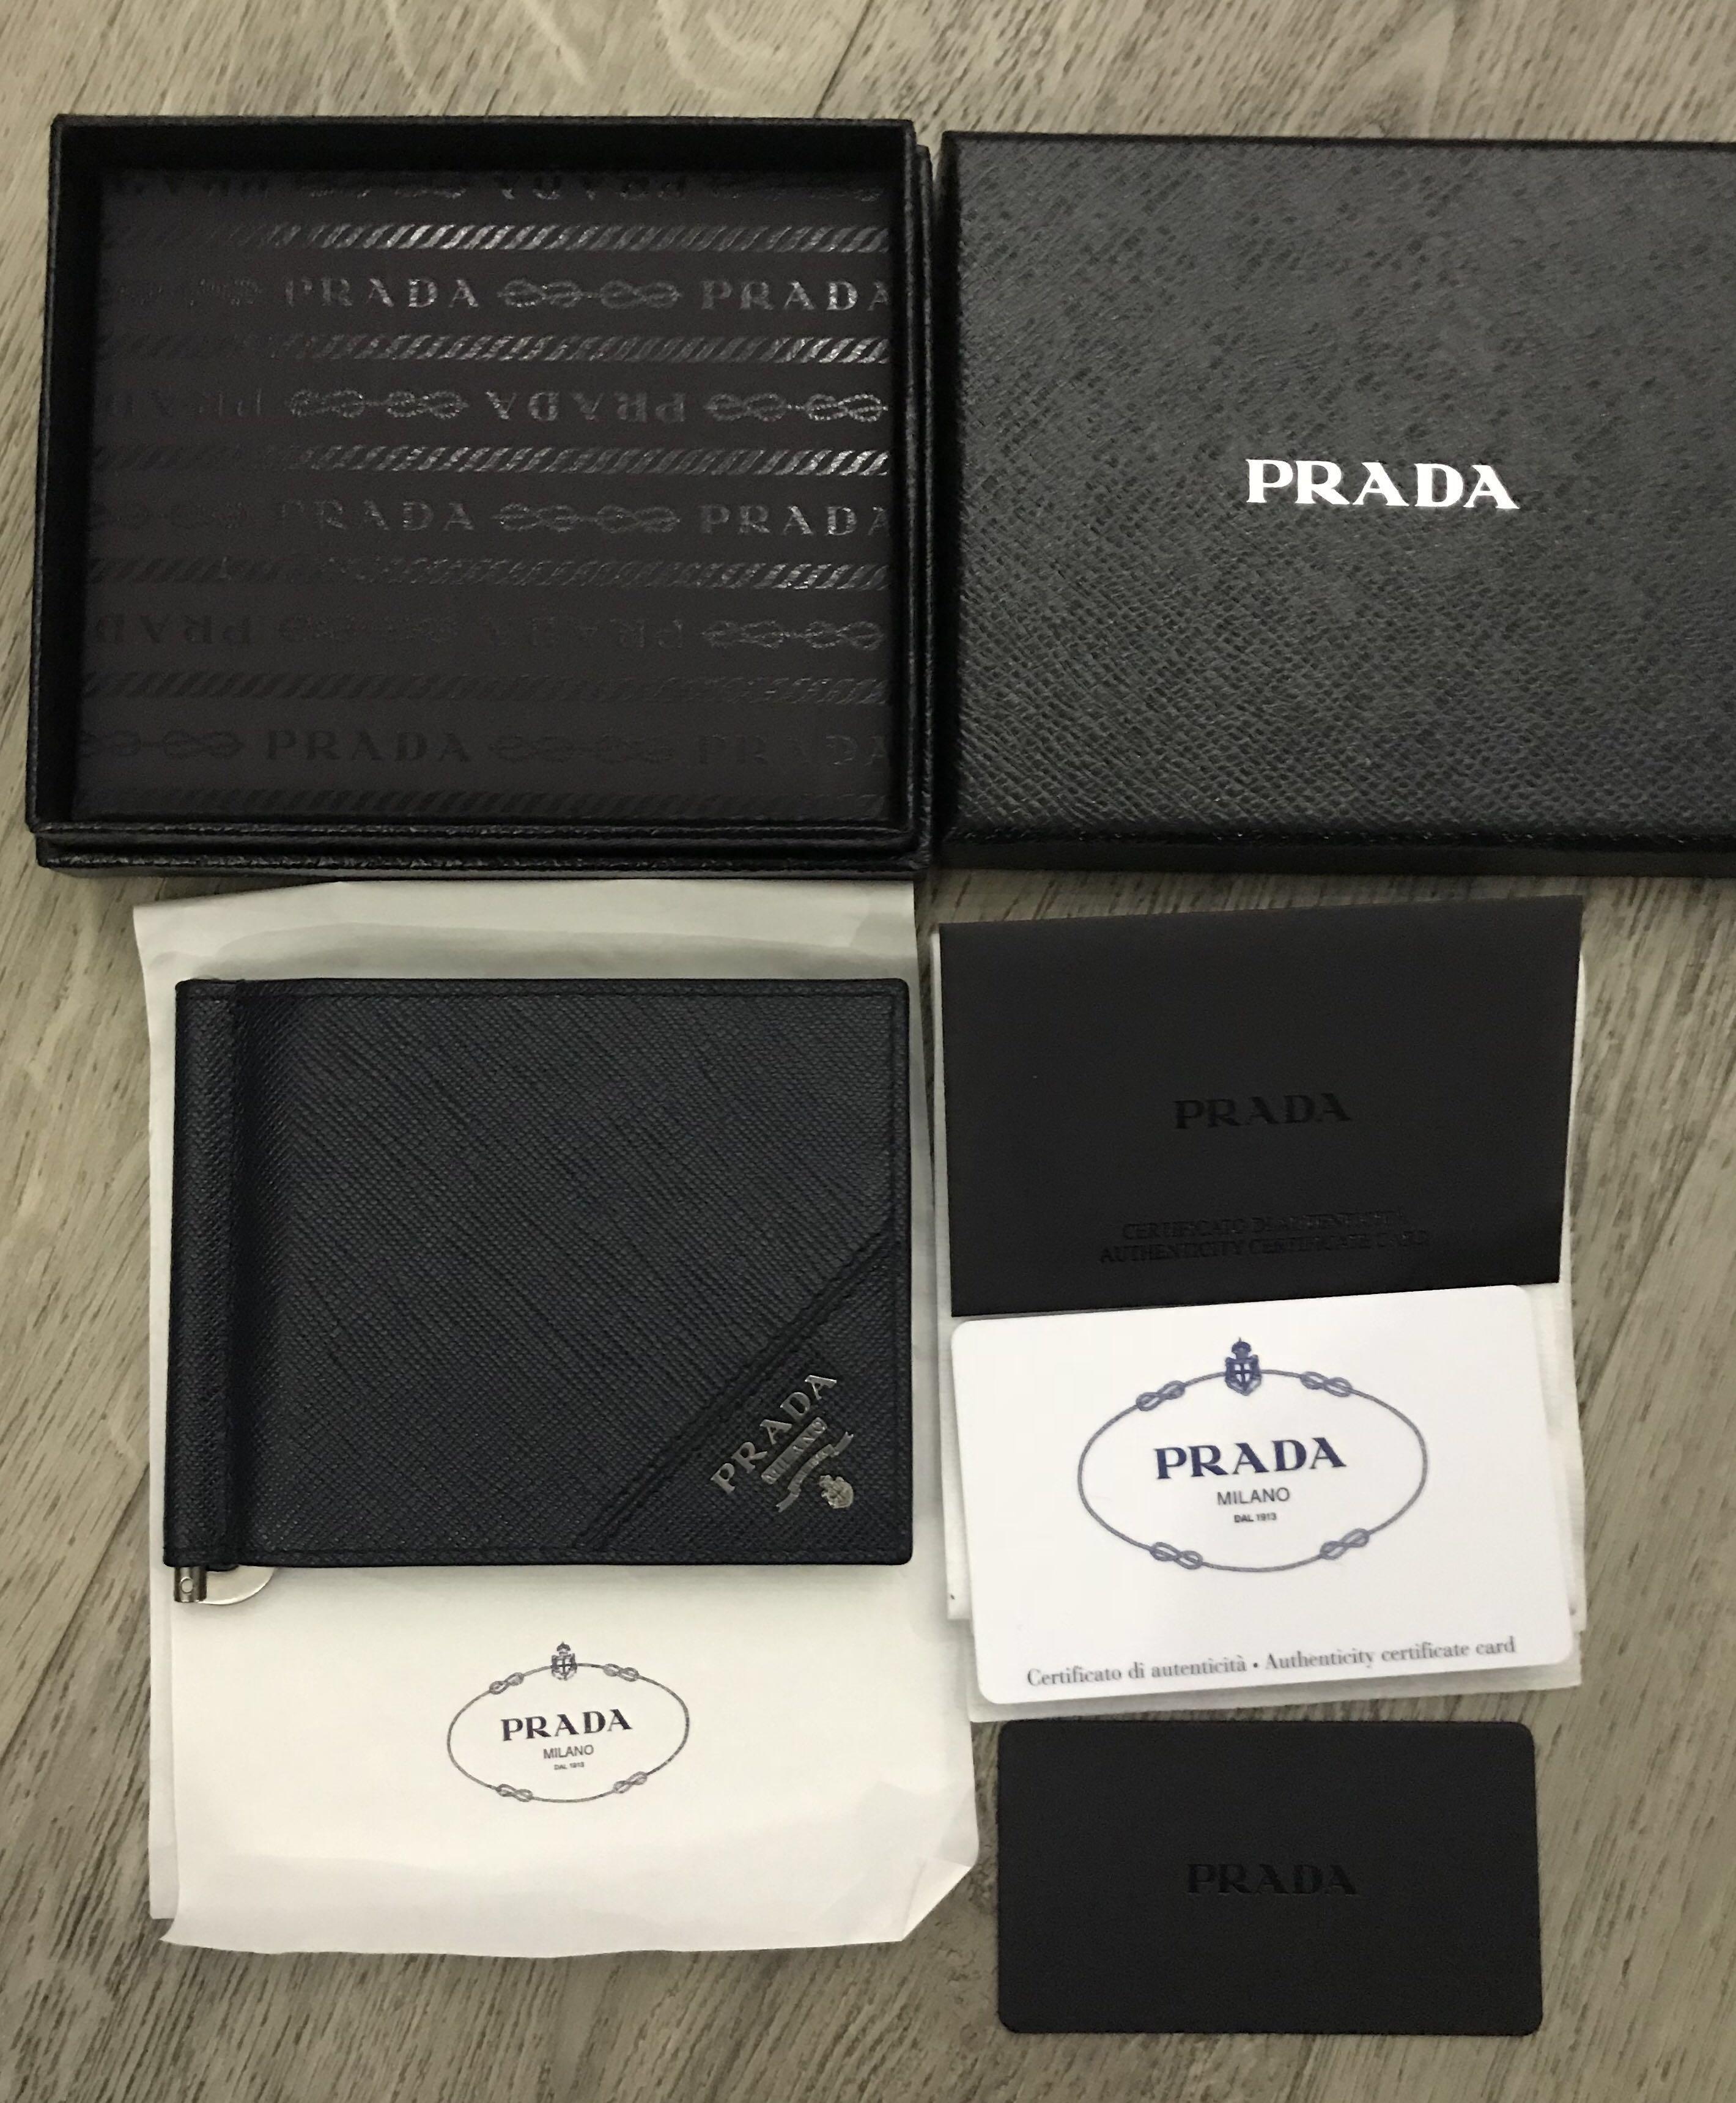 a5adfceba9dc Prada Wallet Prada money clip baltico, Luxury, Bags & Wallets ...